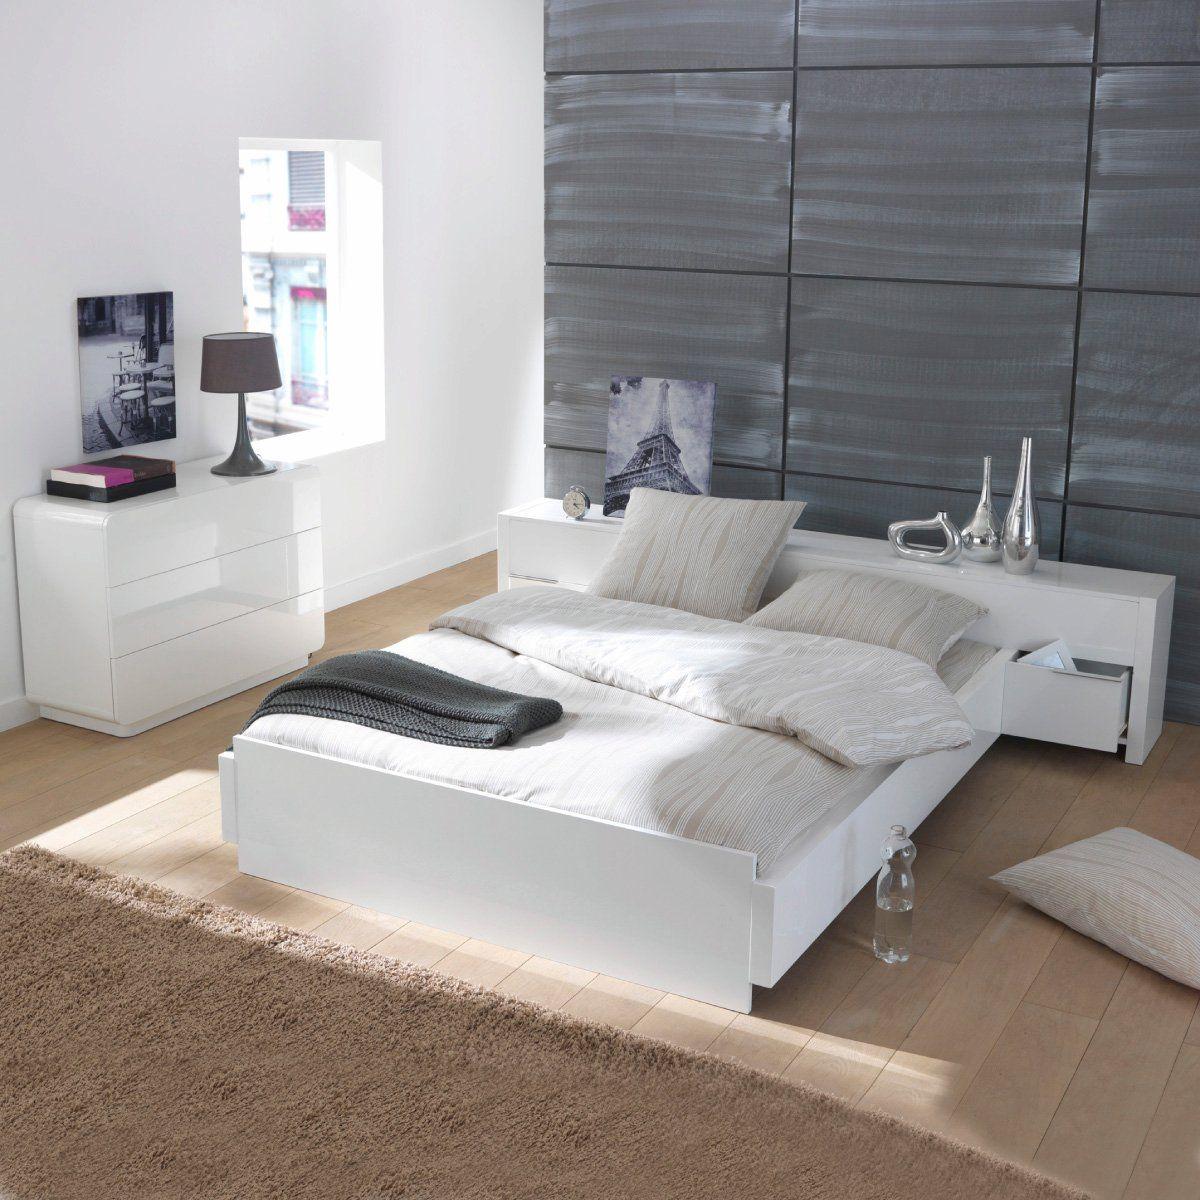 lit plateforme t te de lit tiroirs 2 places newark. Black Bedroom Furniture Sets. Home Design Ideas